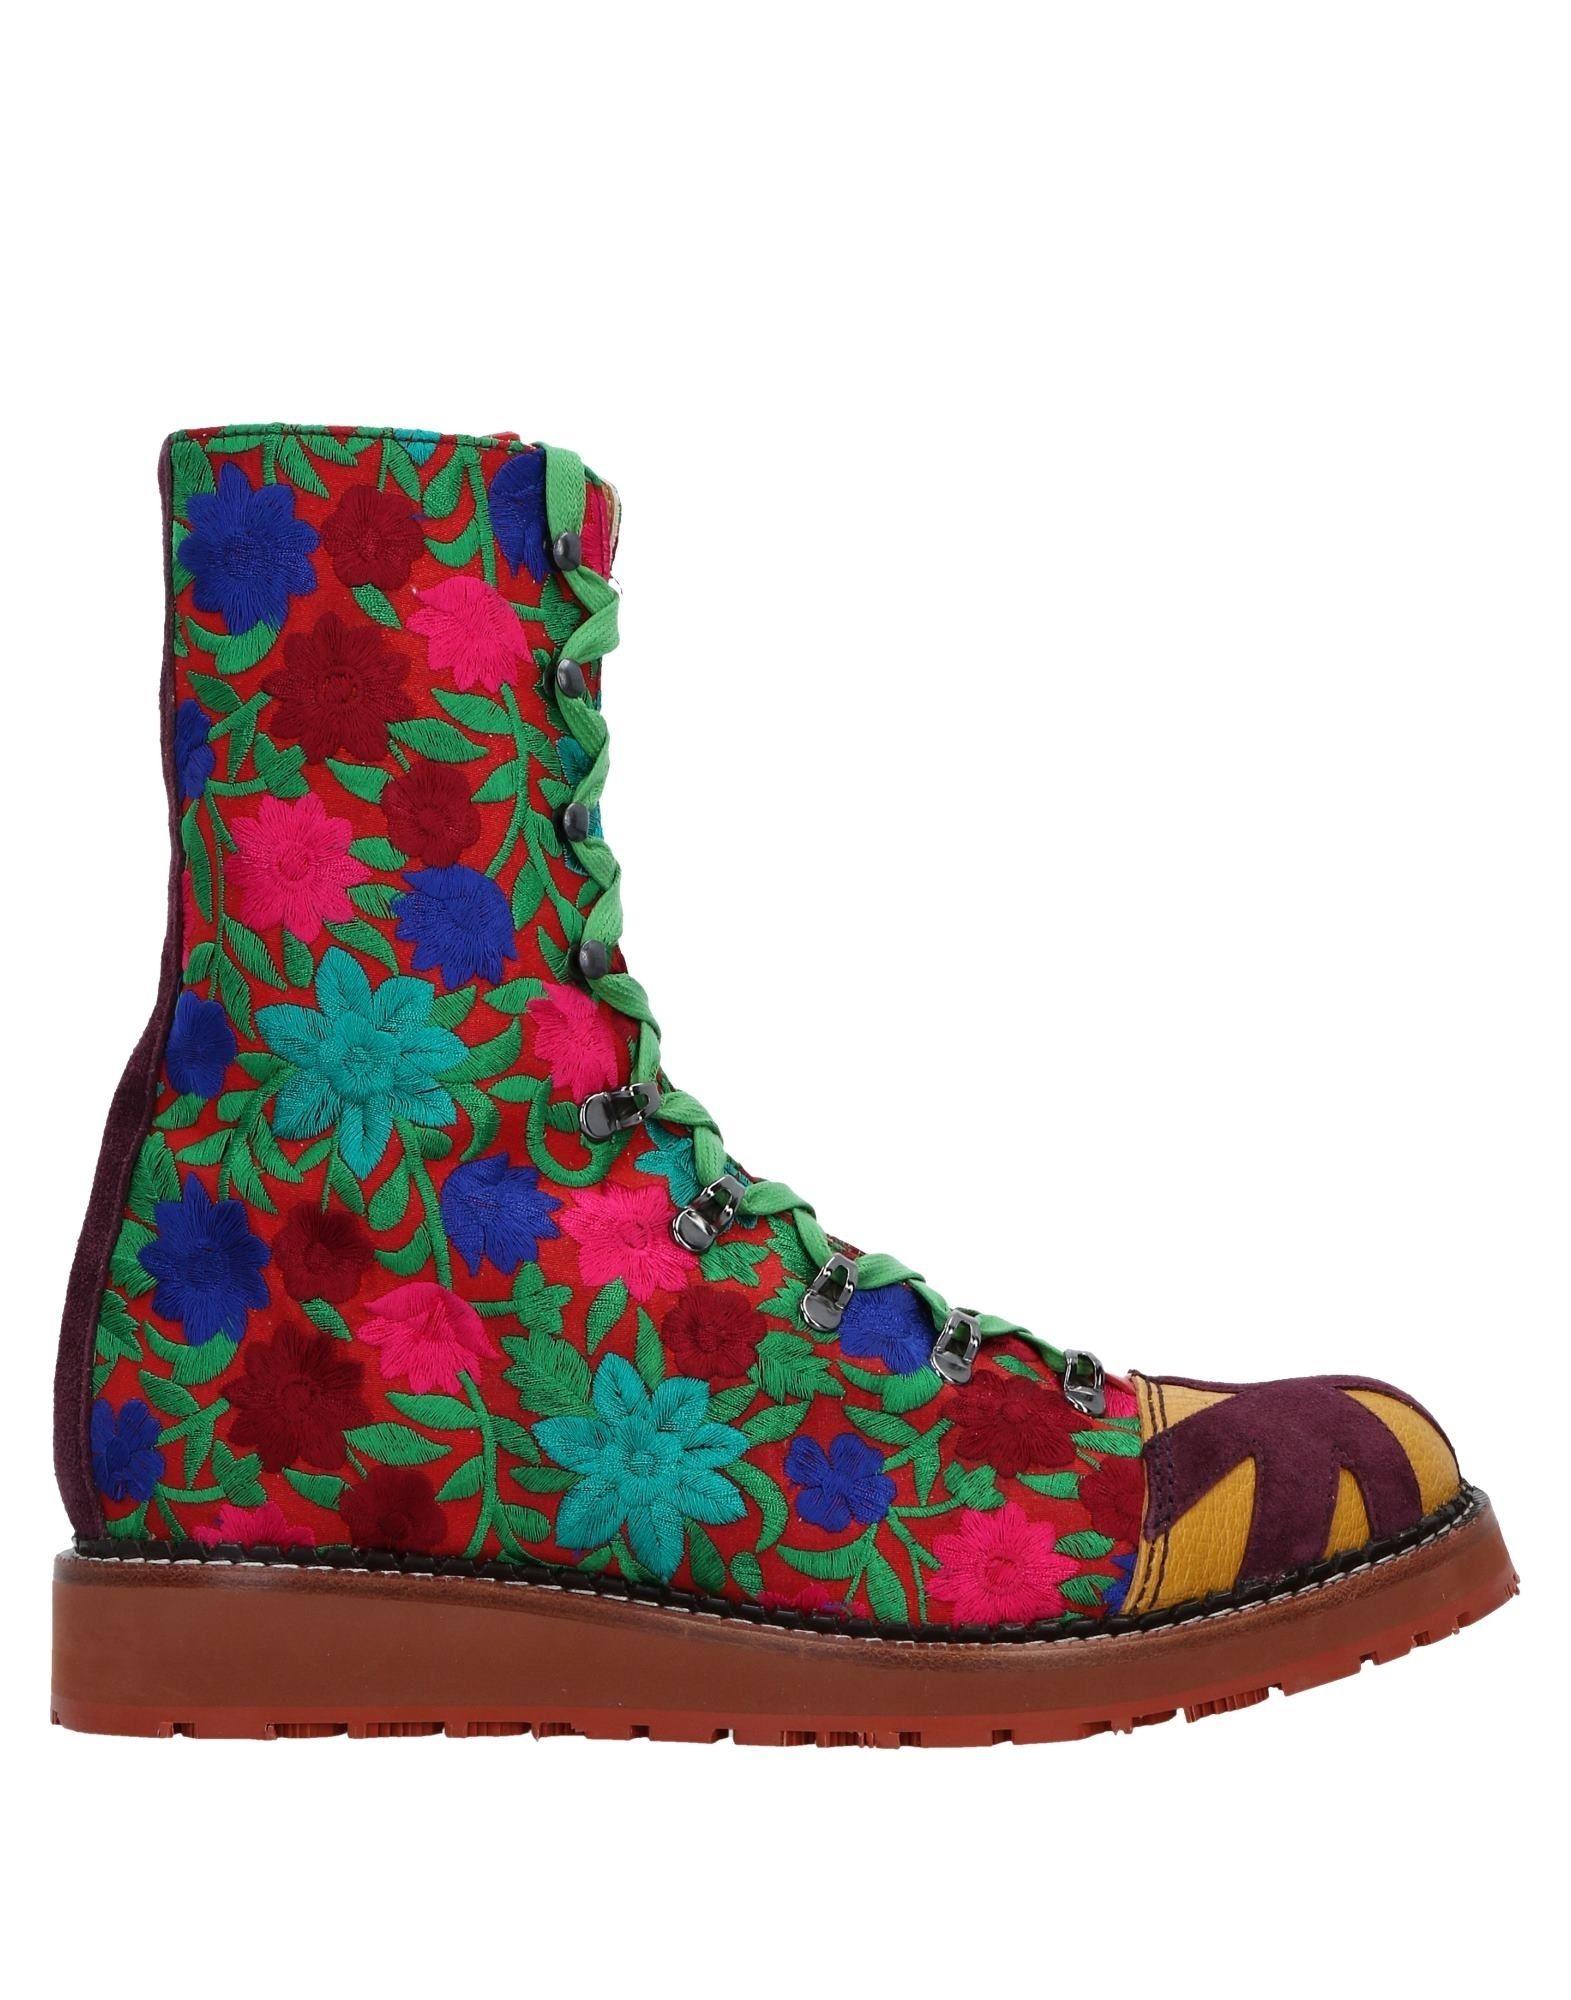 Vivienne Westwood Stiefelette Herren  11522610HQ Gute Qualität beliebte Schuhe